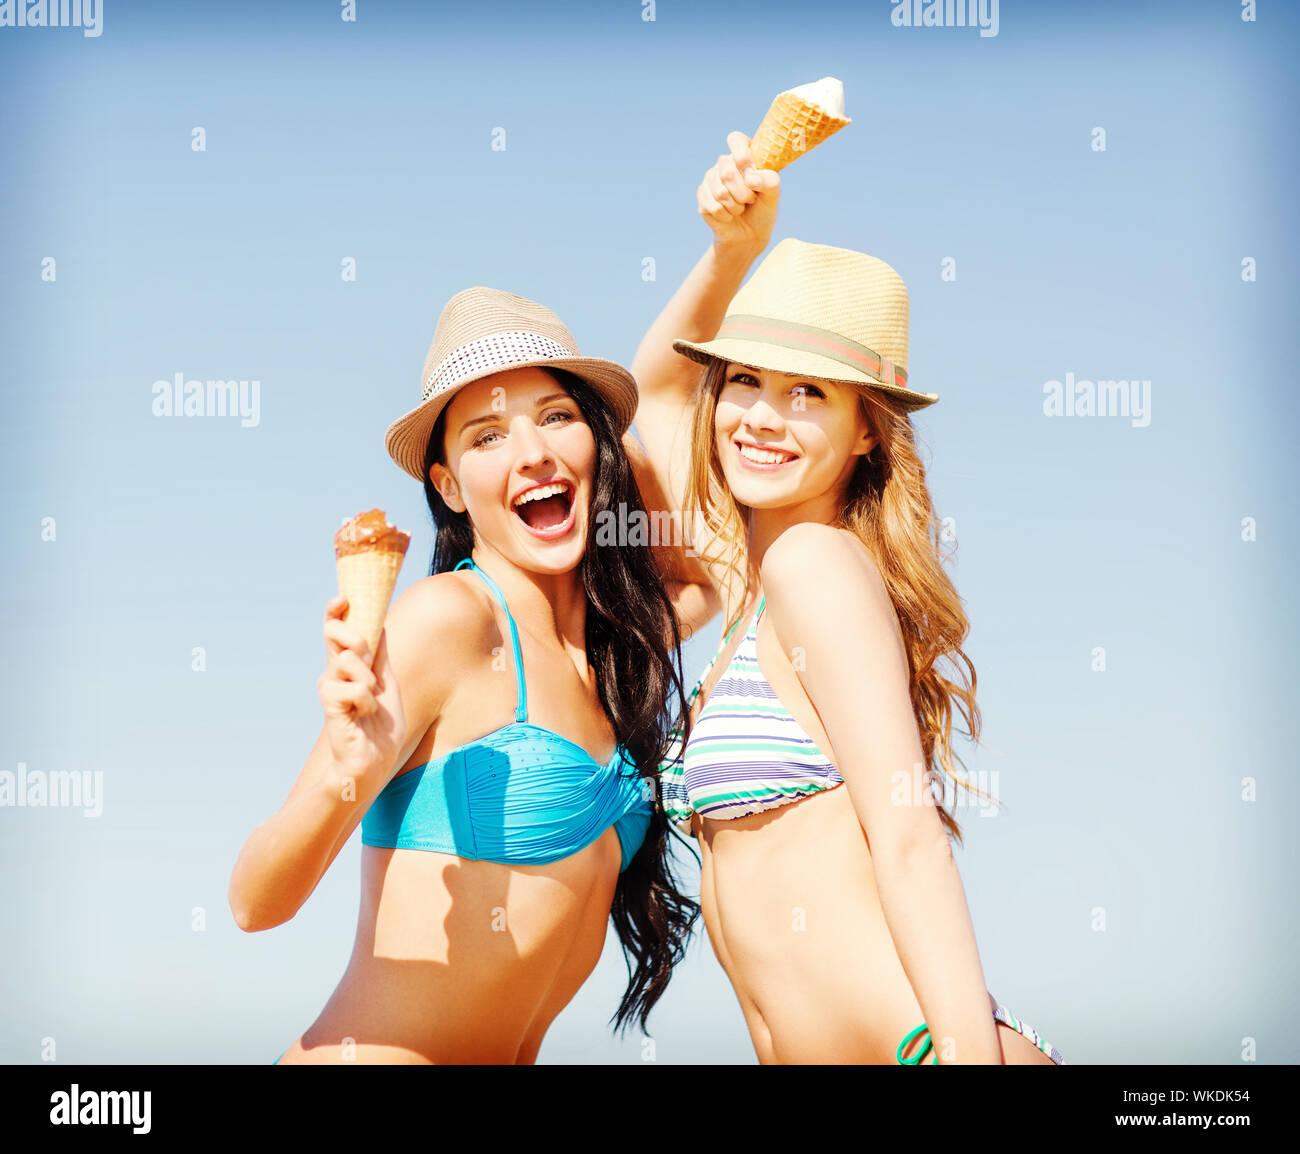 girls in bikini with ice cream on the beach Stock Photo